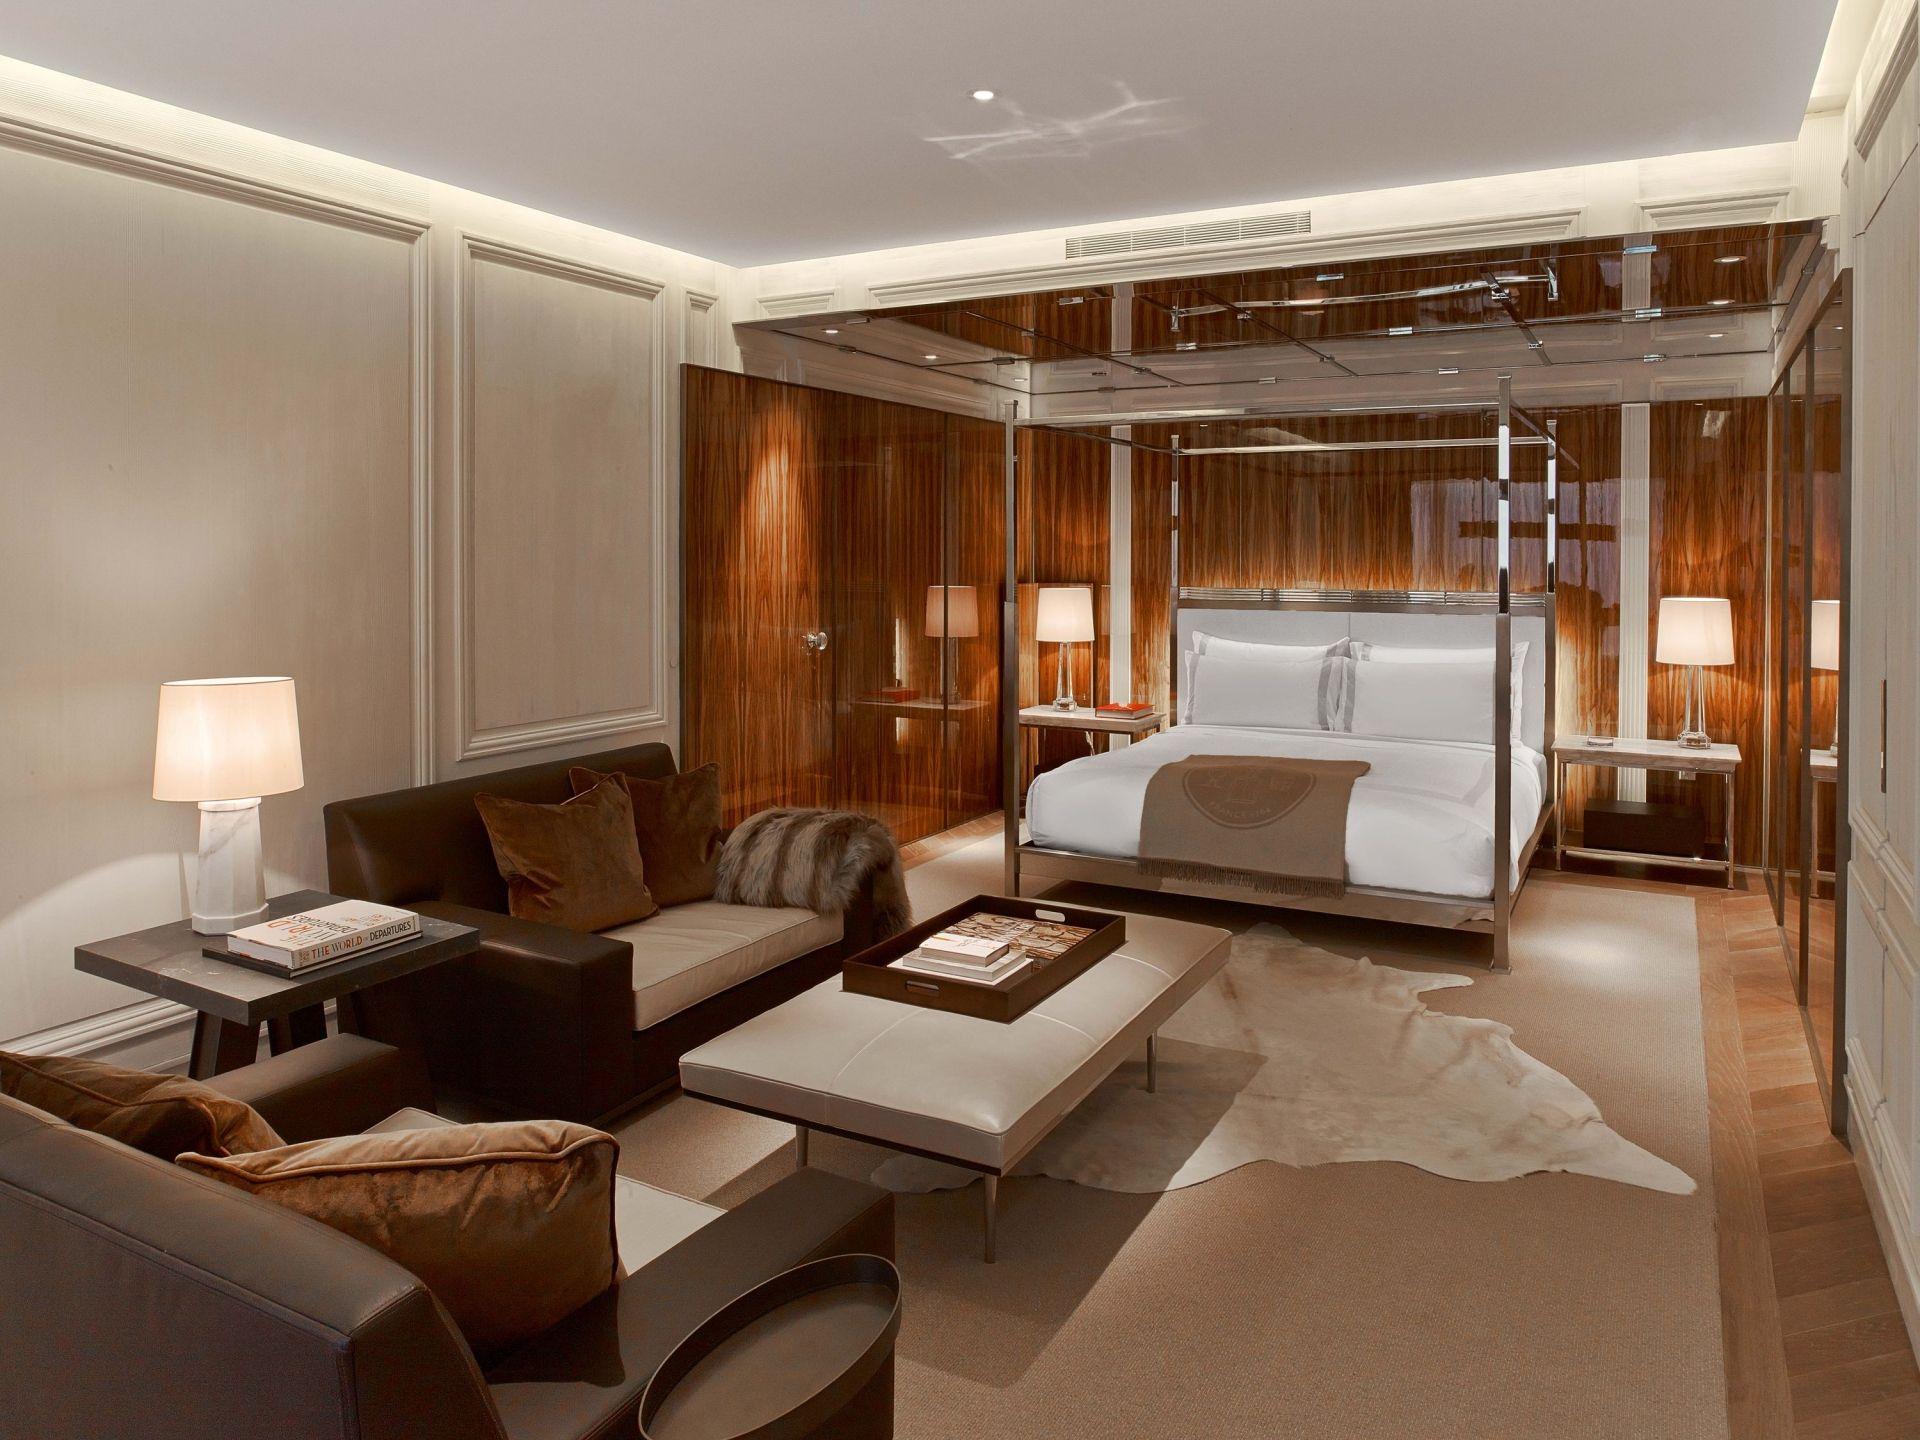 gilles boissier 2015 baccarat hotel new york bedroom pinterest appartement chambre. Black Bedroom Furniture Sets. Home Design Ideas